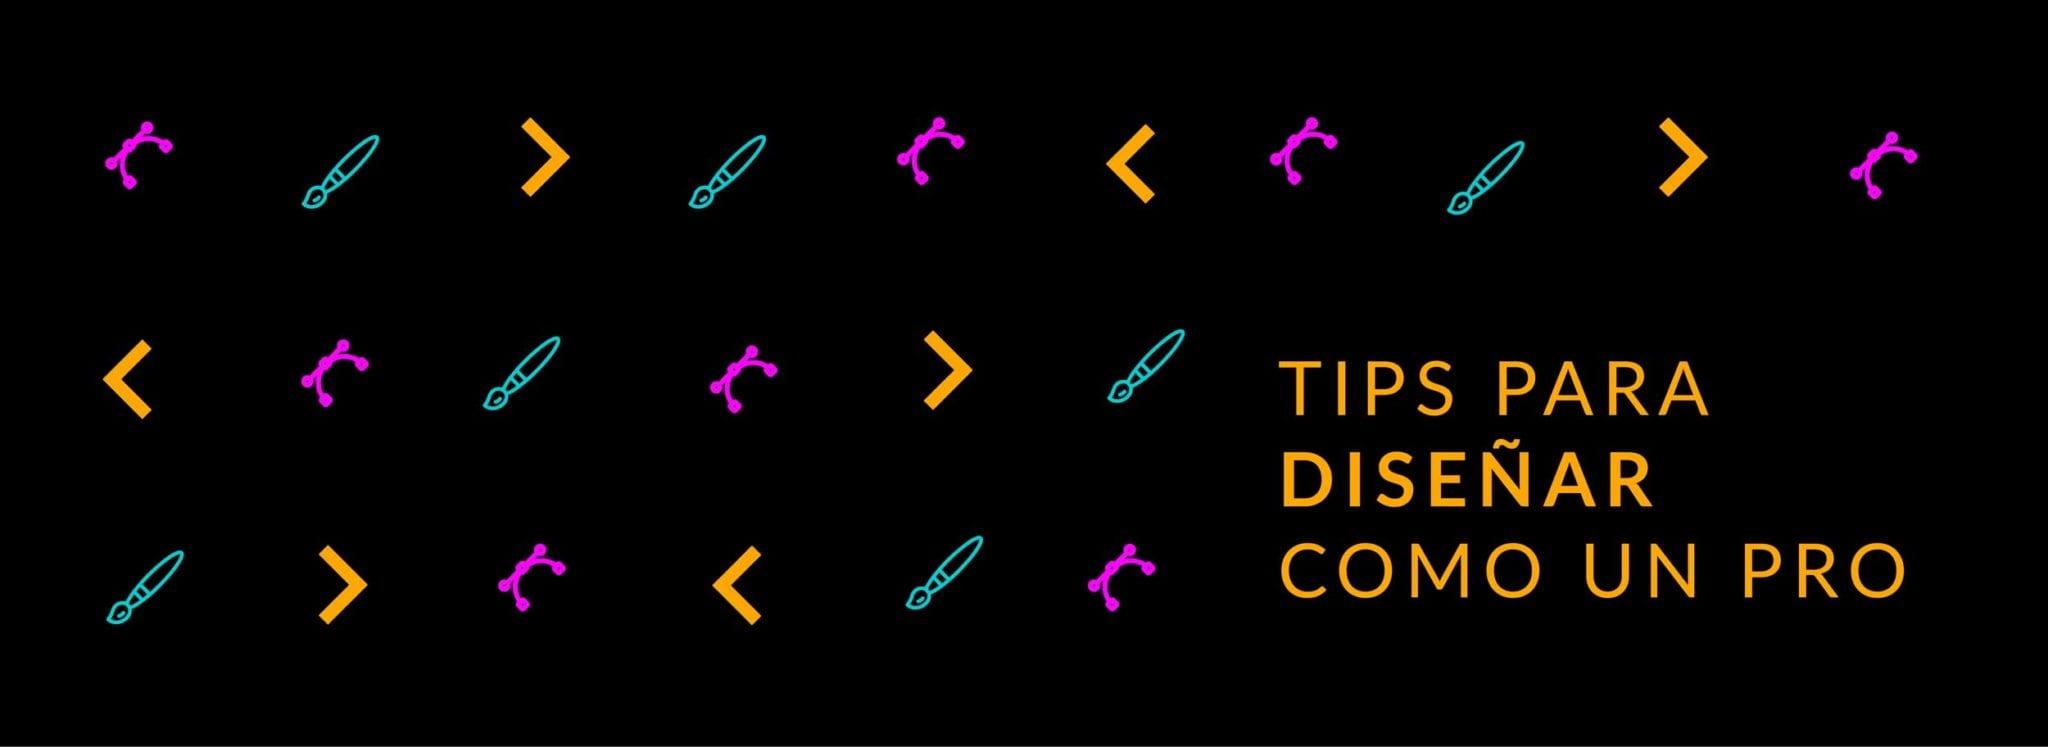 Banner Principal Tips Para Diseñar Como Pro 2heart